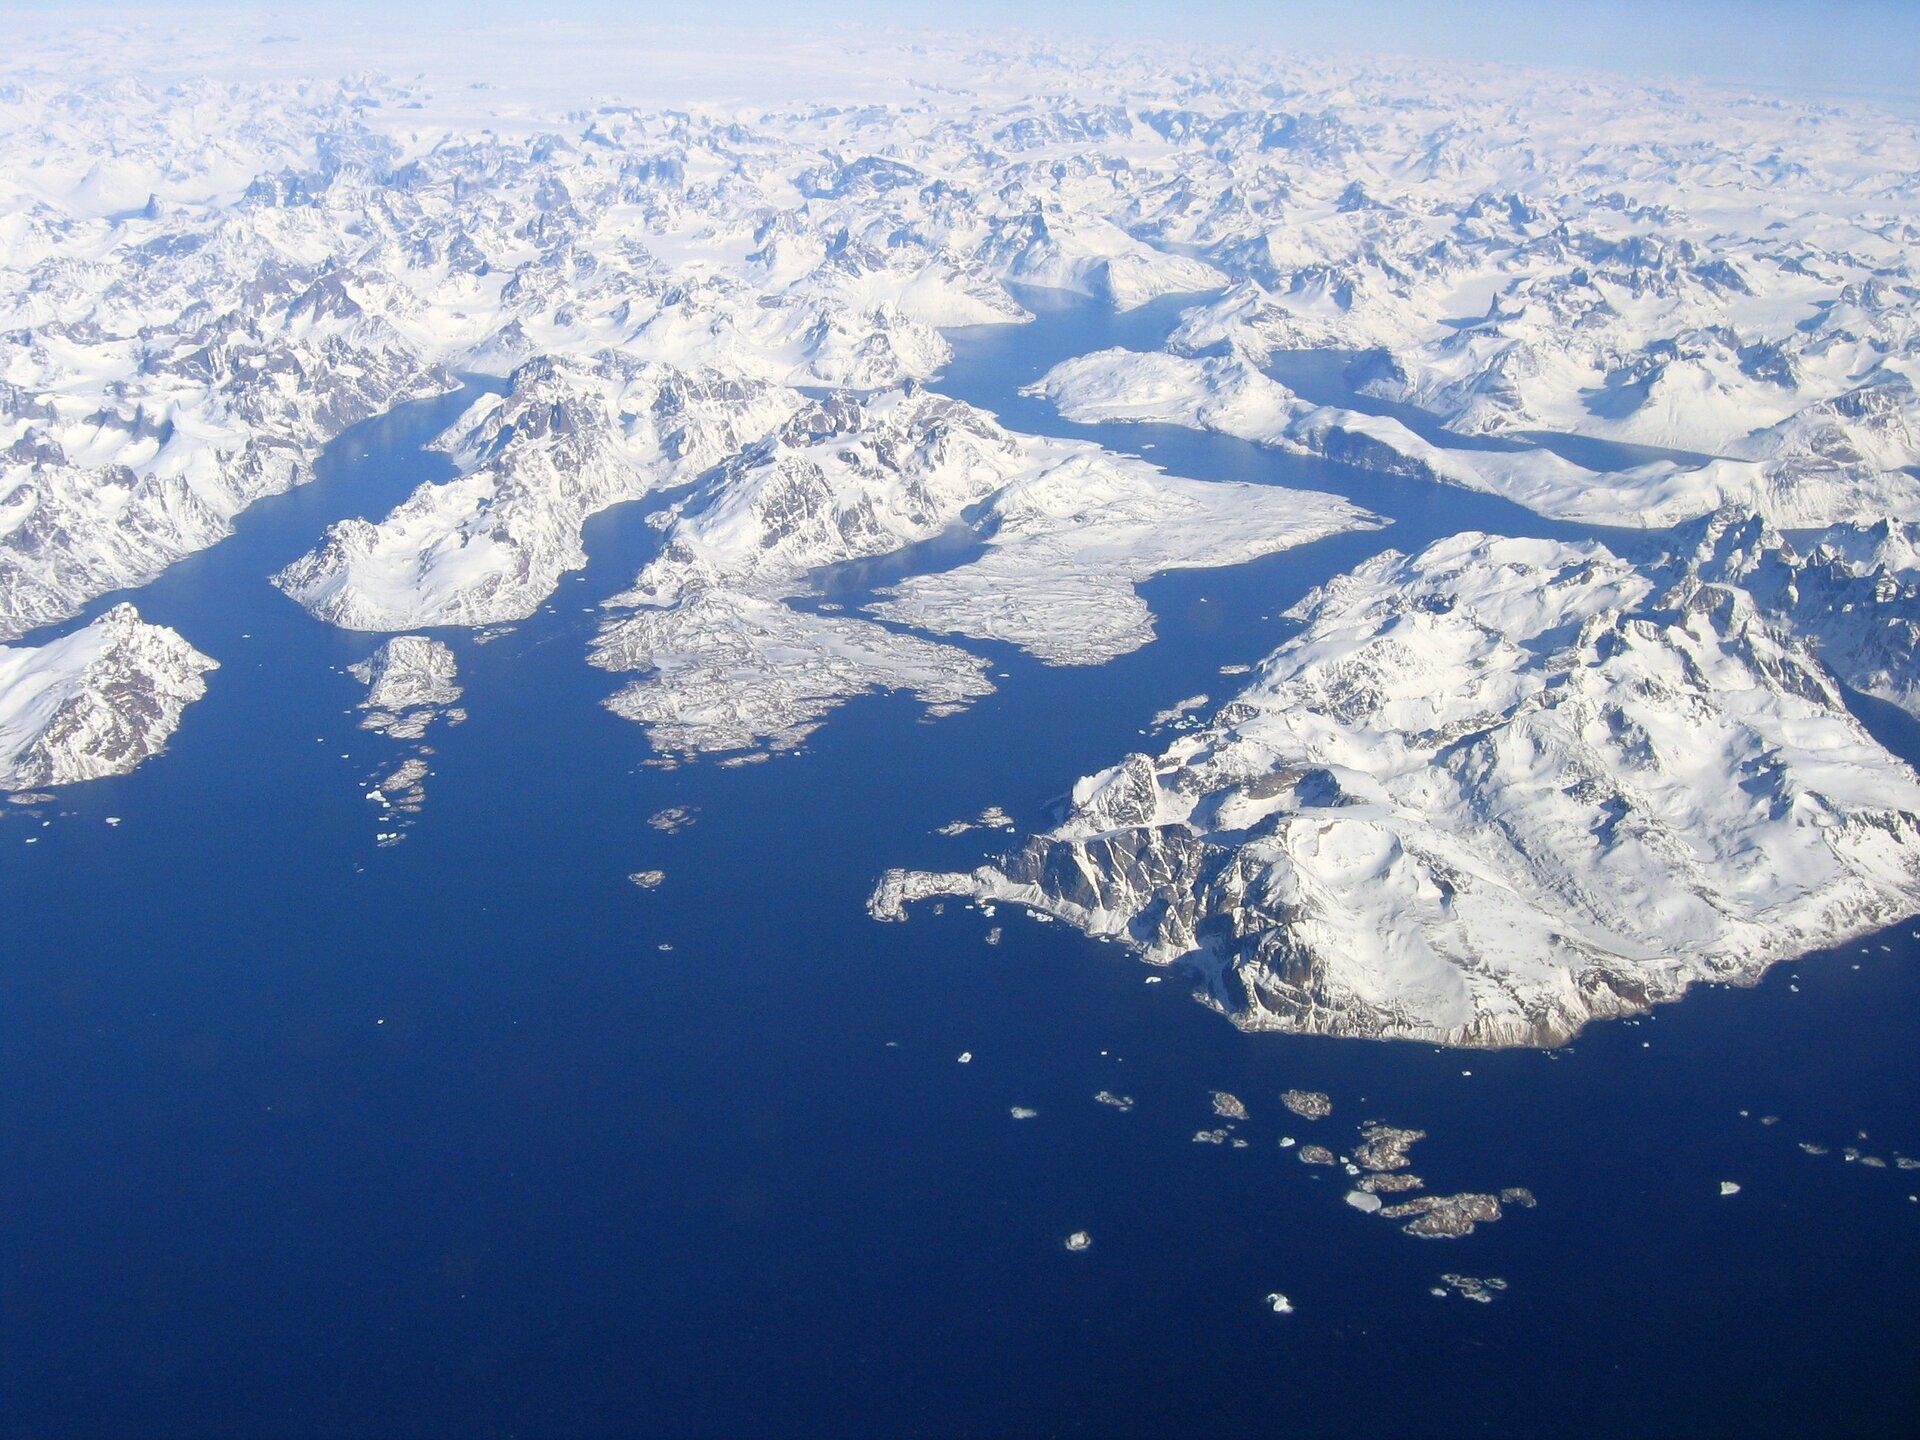 Fotografia prezentuje krajobraz strefy okołobiegunowej. Fotografia wykonana zgóry przedstawia rozciągające się po horyzont, białe wysokie góry lodowe na morzu.